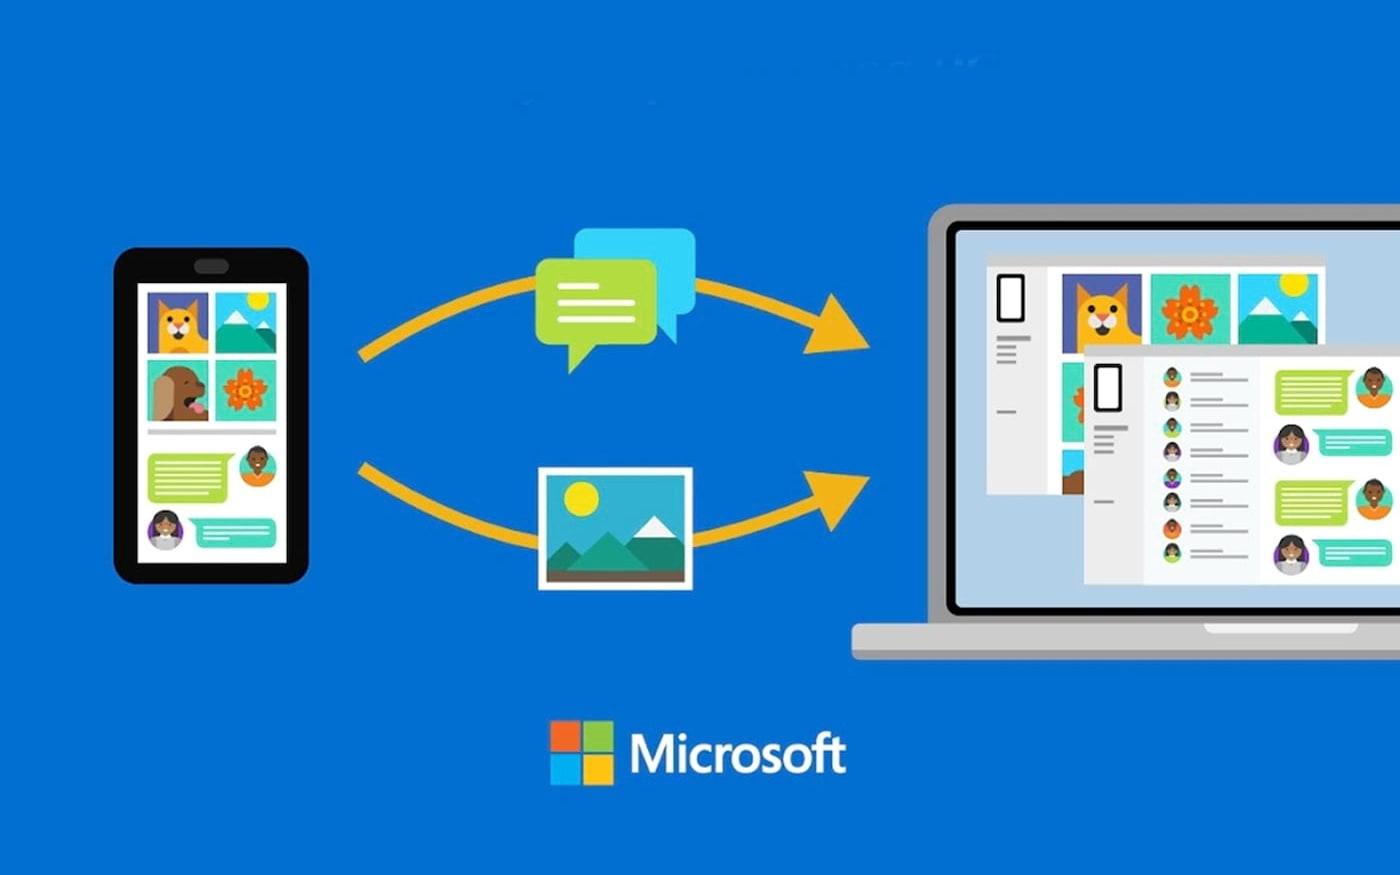 """Como ver notificações, SMS e fotos do celular no Windows 10 com o app """"Seu telefone"""""""